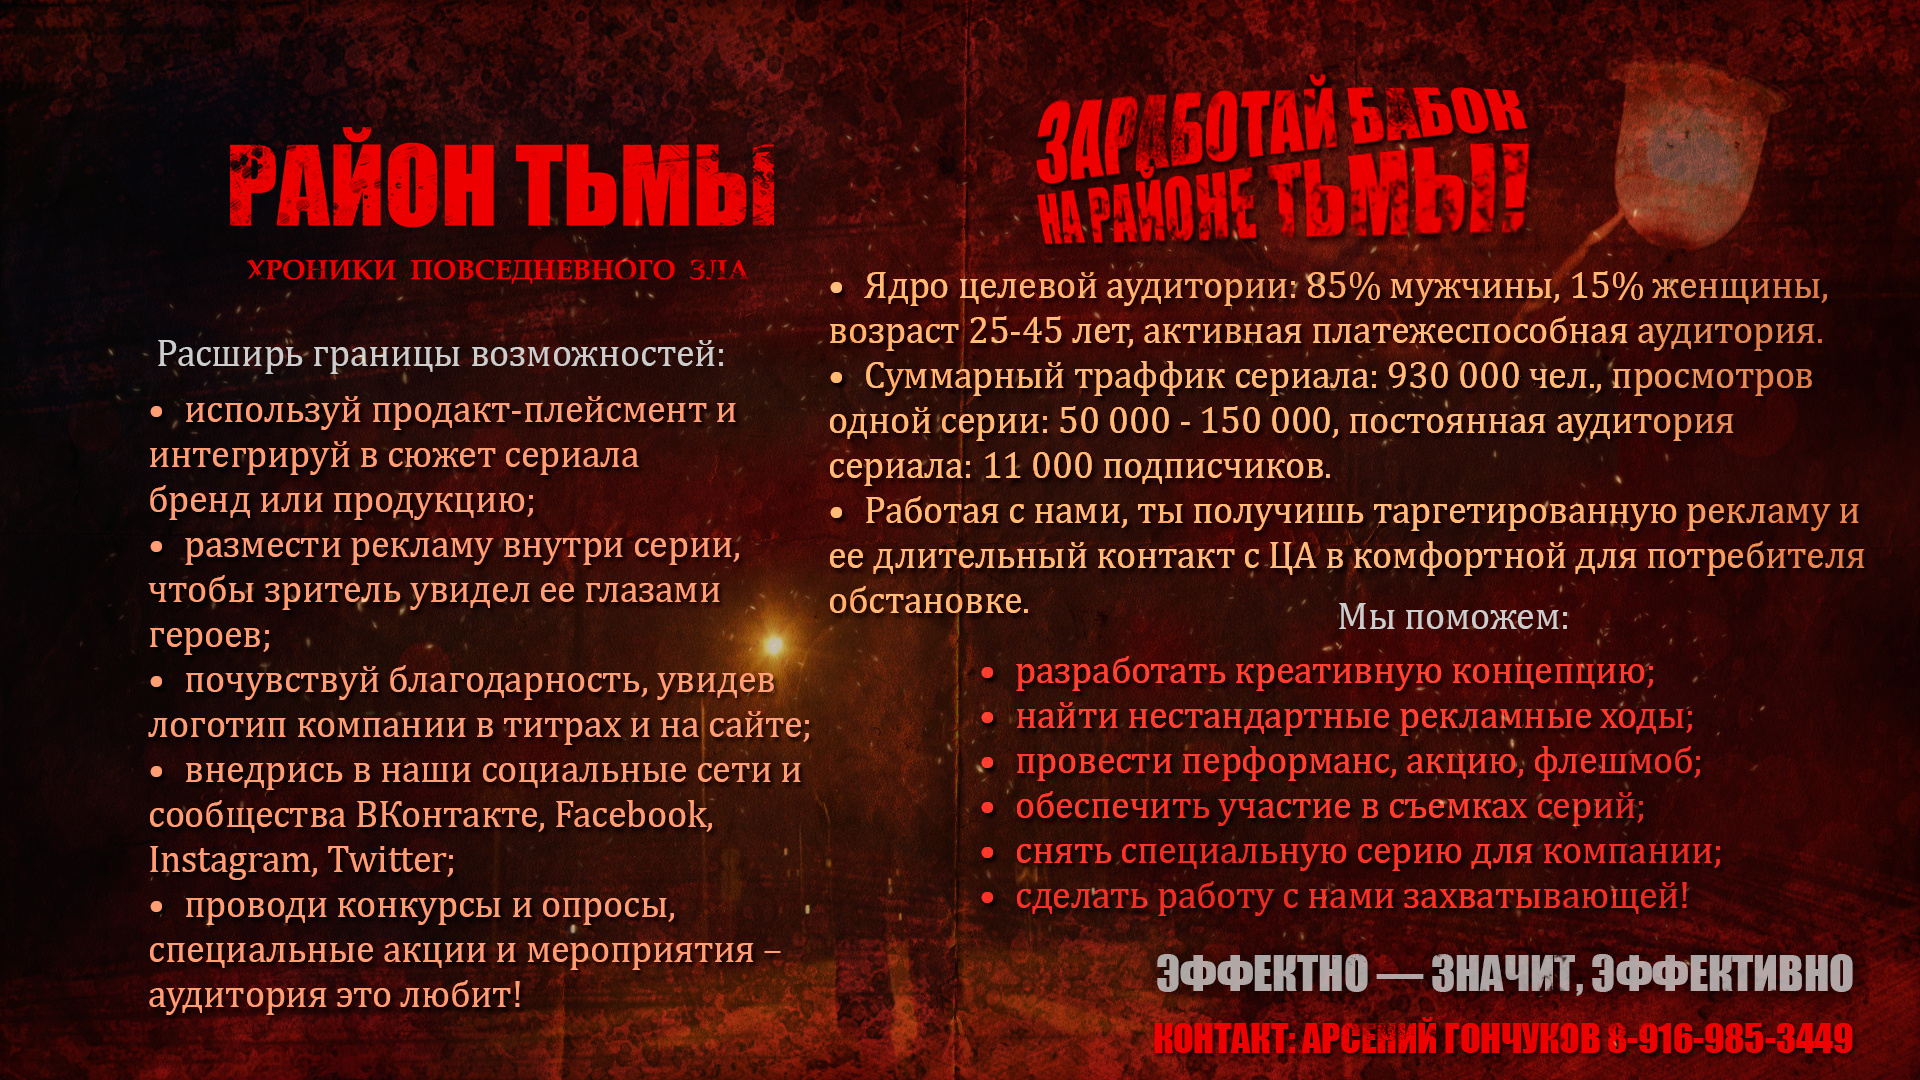 РАЙОН_ТЬМЫ_ПРЕЗЕНТАЦИЯ_6_FIN